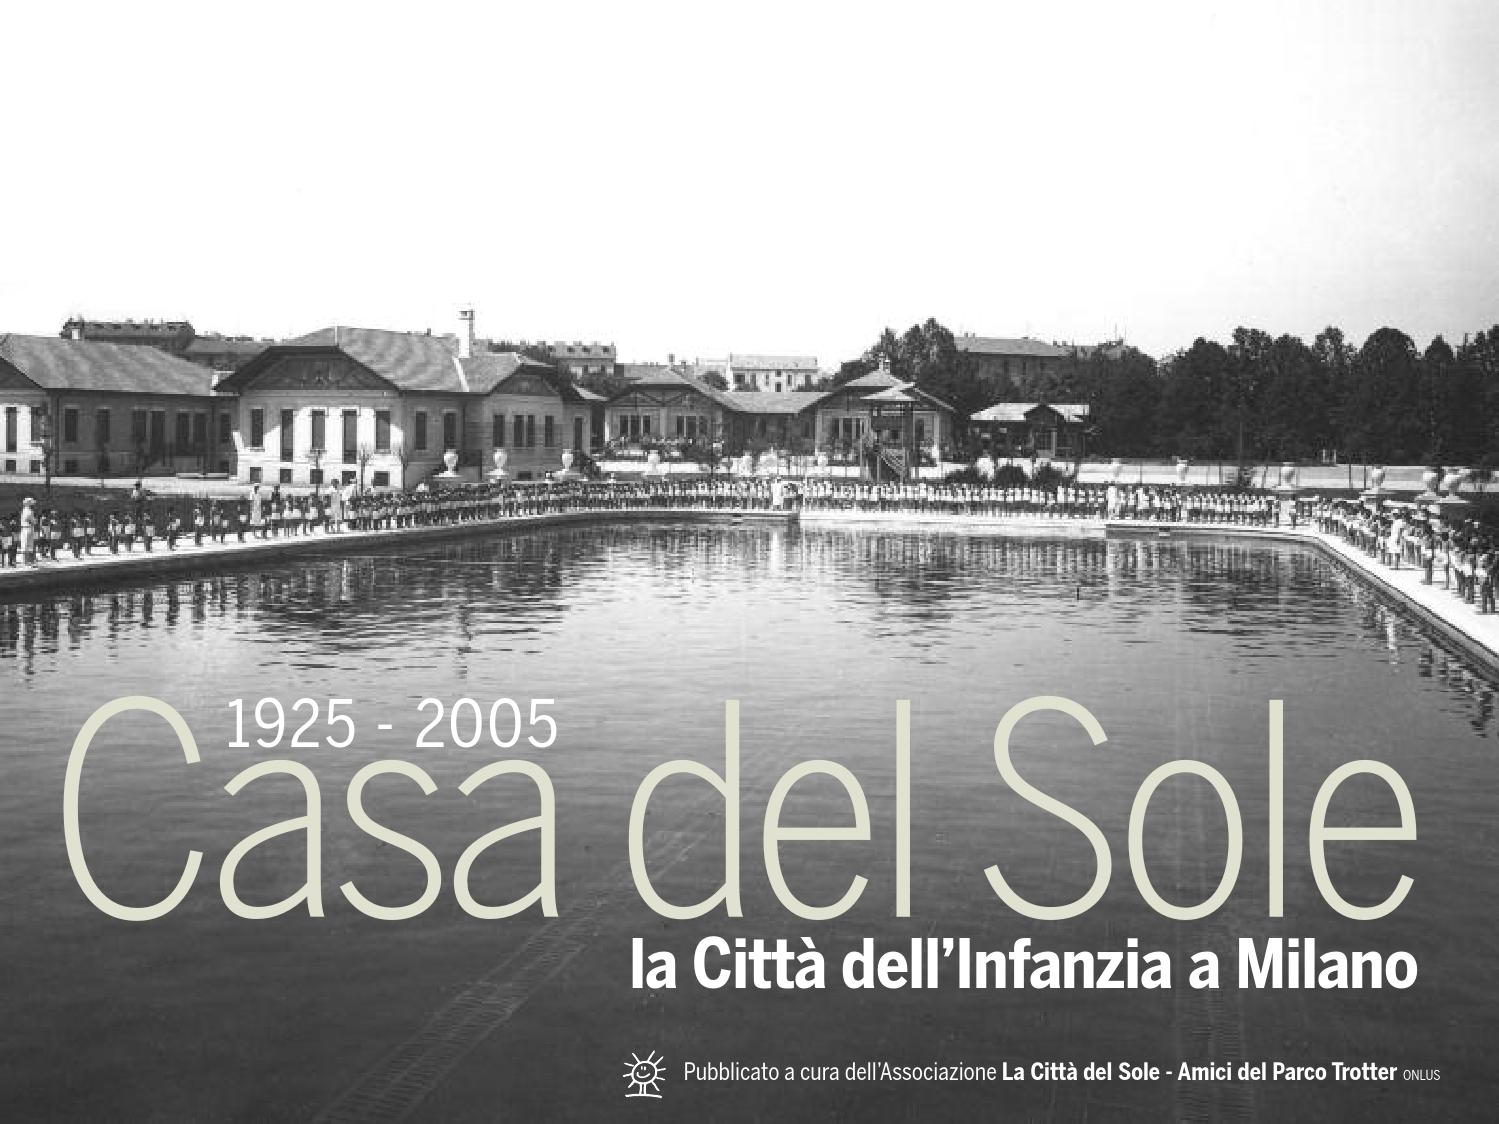 Casa del sole la citt dell 39 infanzia a milano by luca bai varaschini issuu - Casa dell ottone milano ...